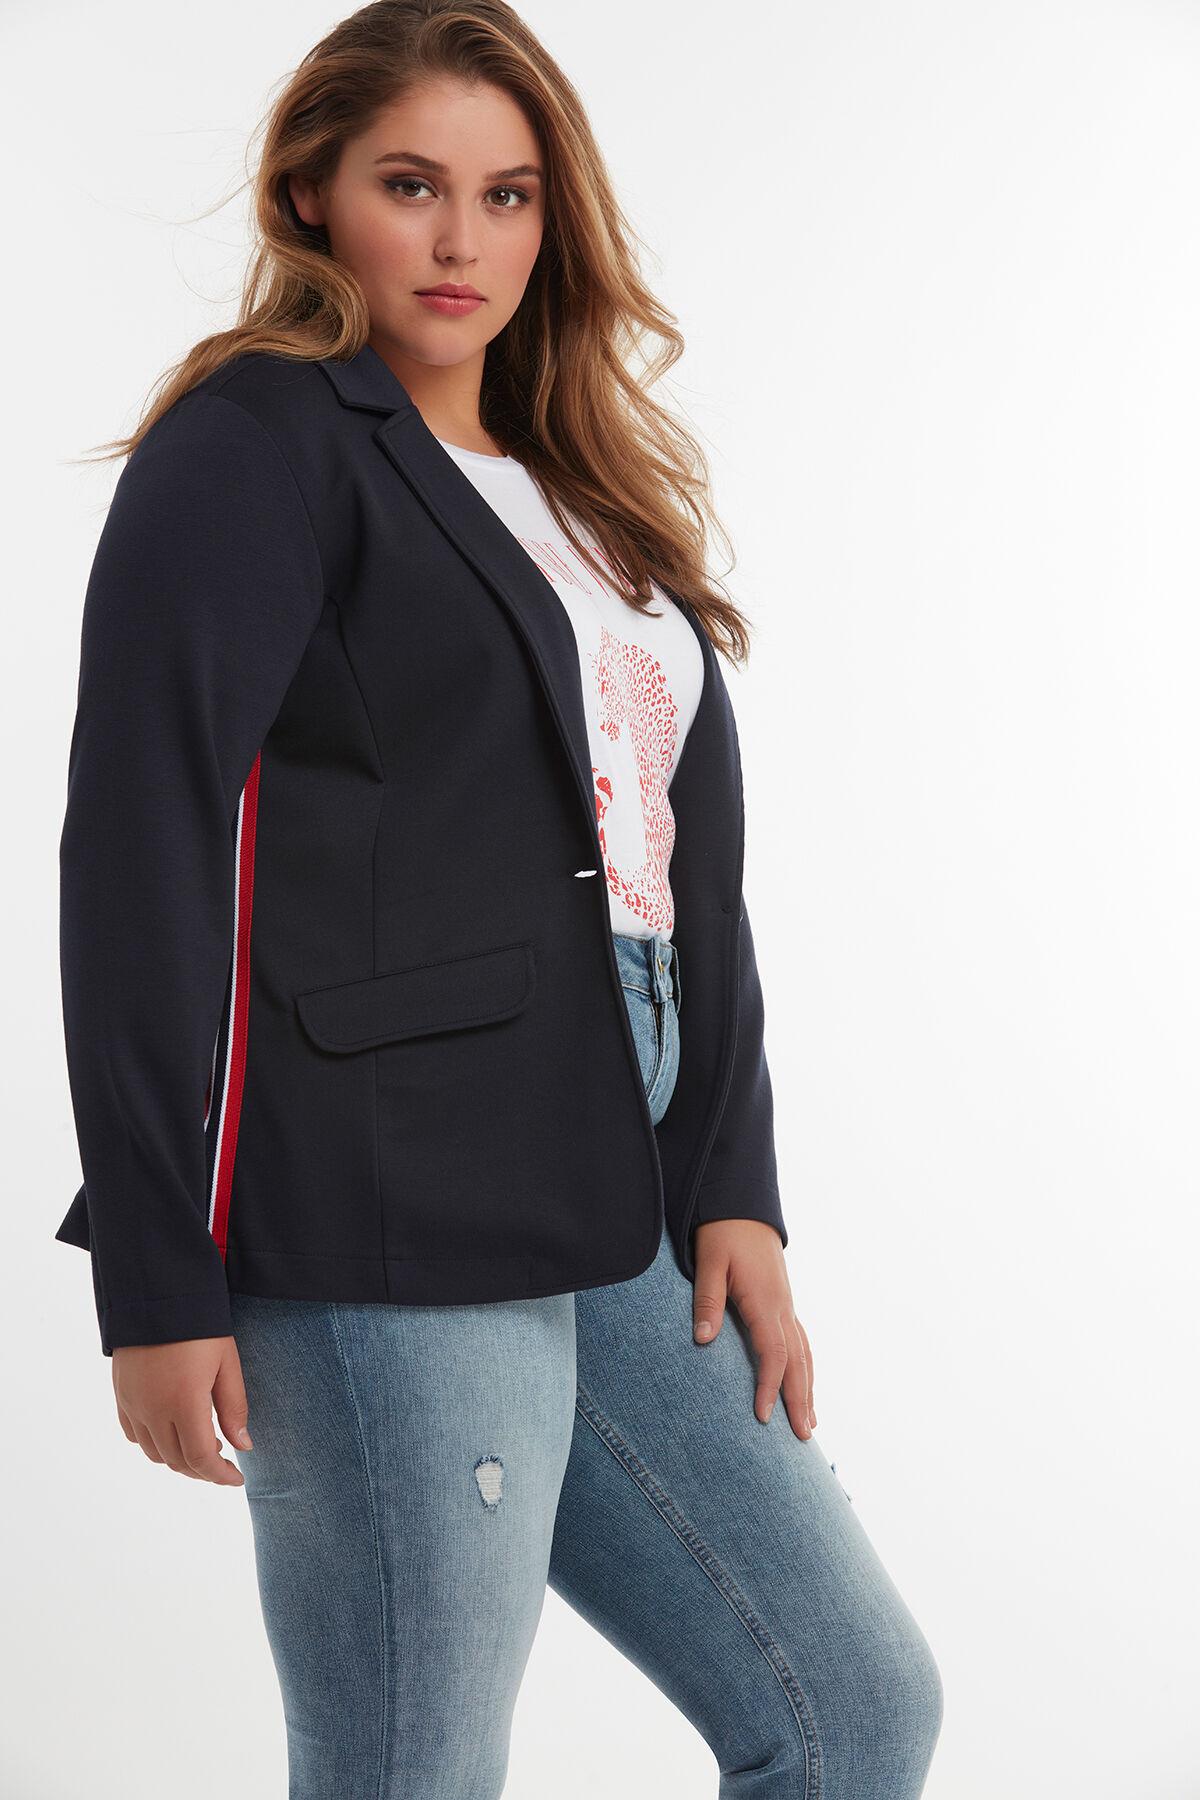 Au Femme Tailles Grande Ms Taille Blazers 54 Mode 40 4qSHSp